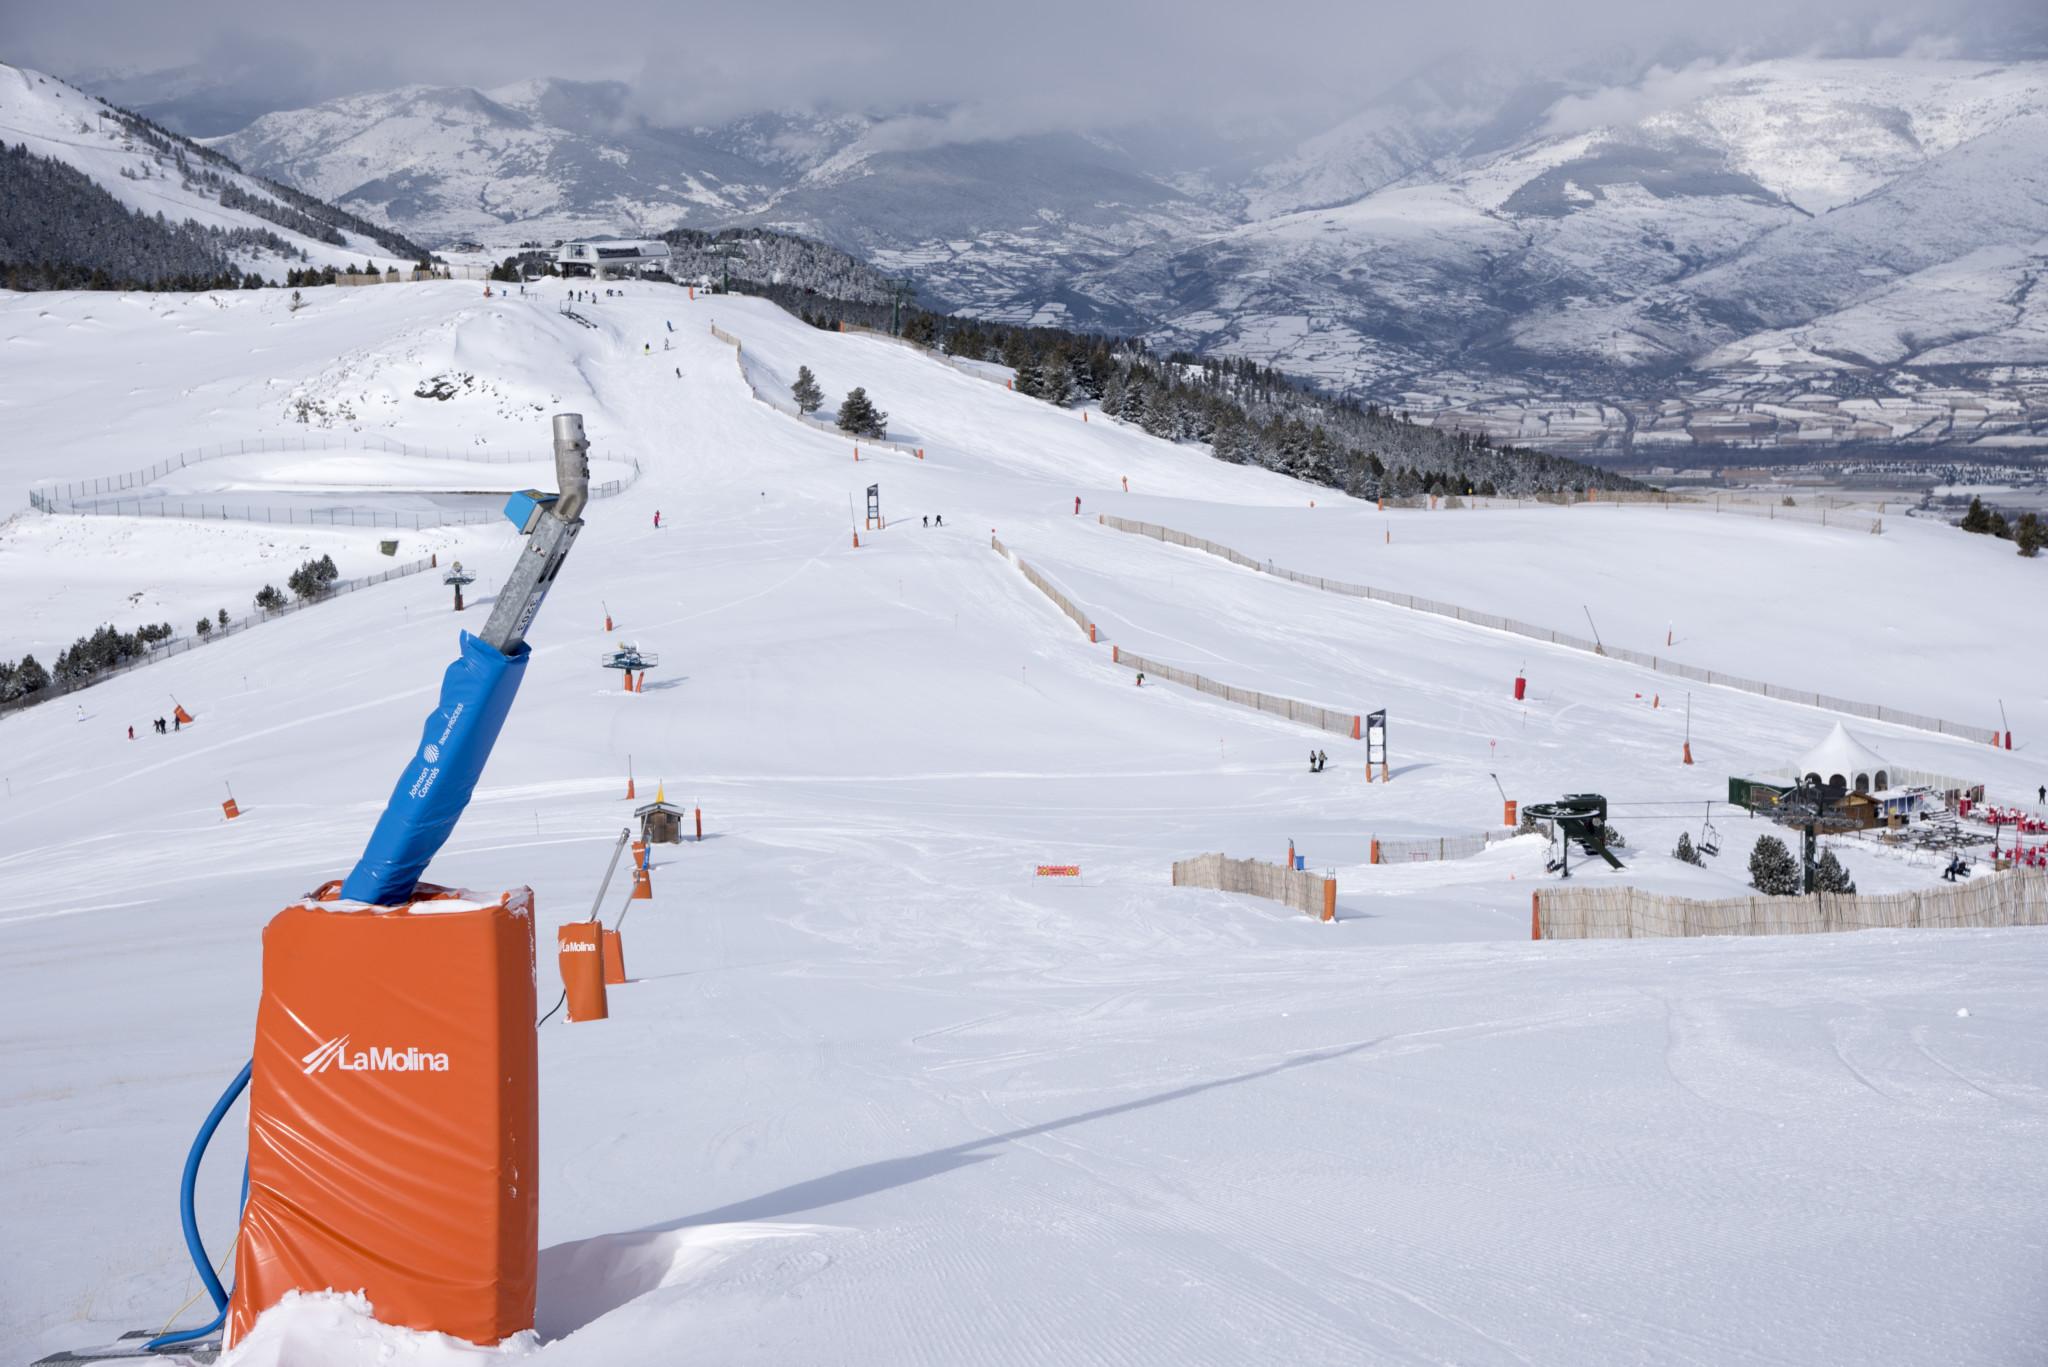 Cañones de nieve La Molina